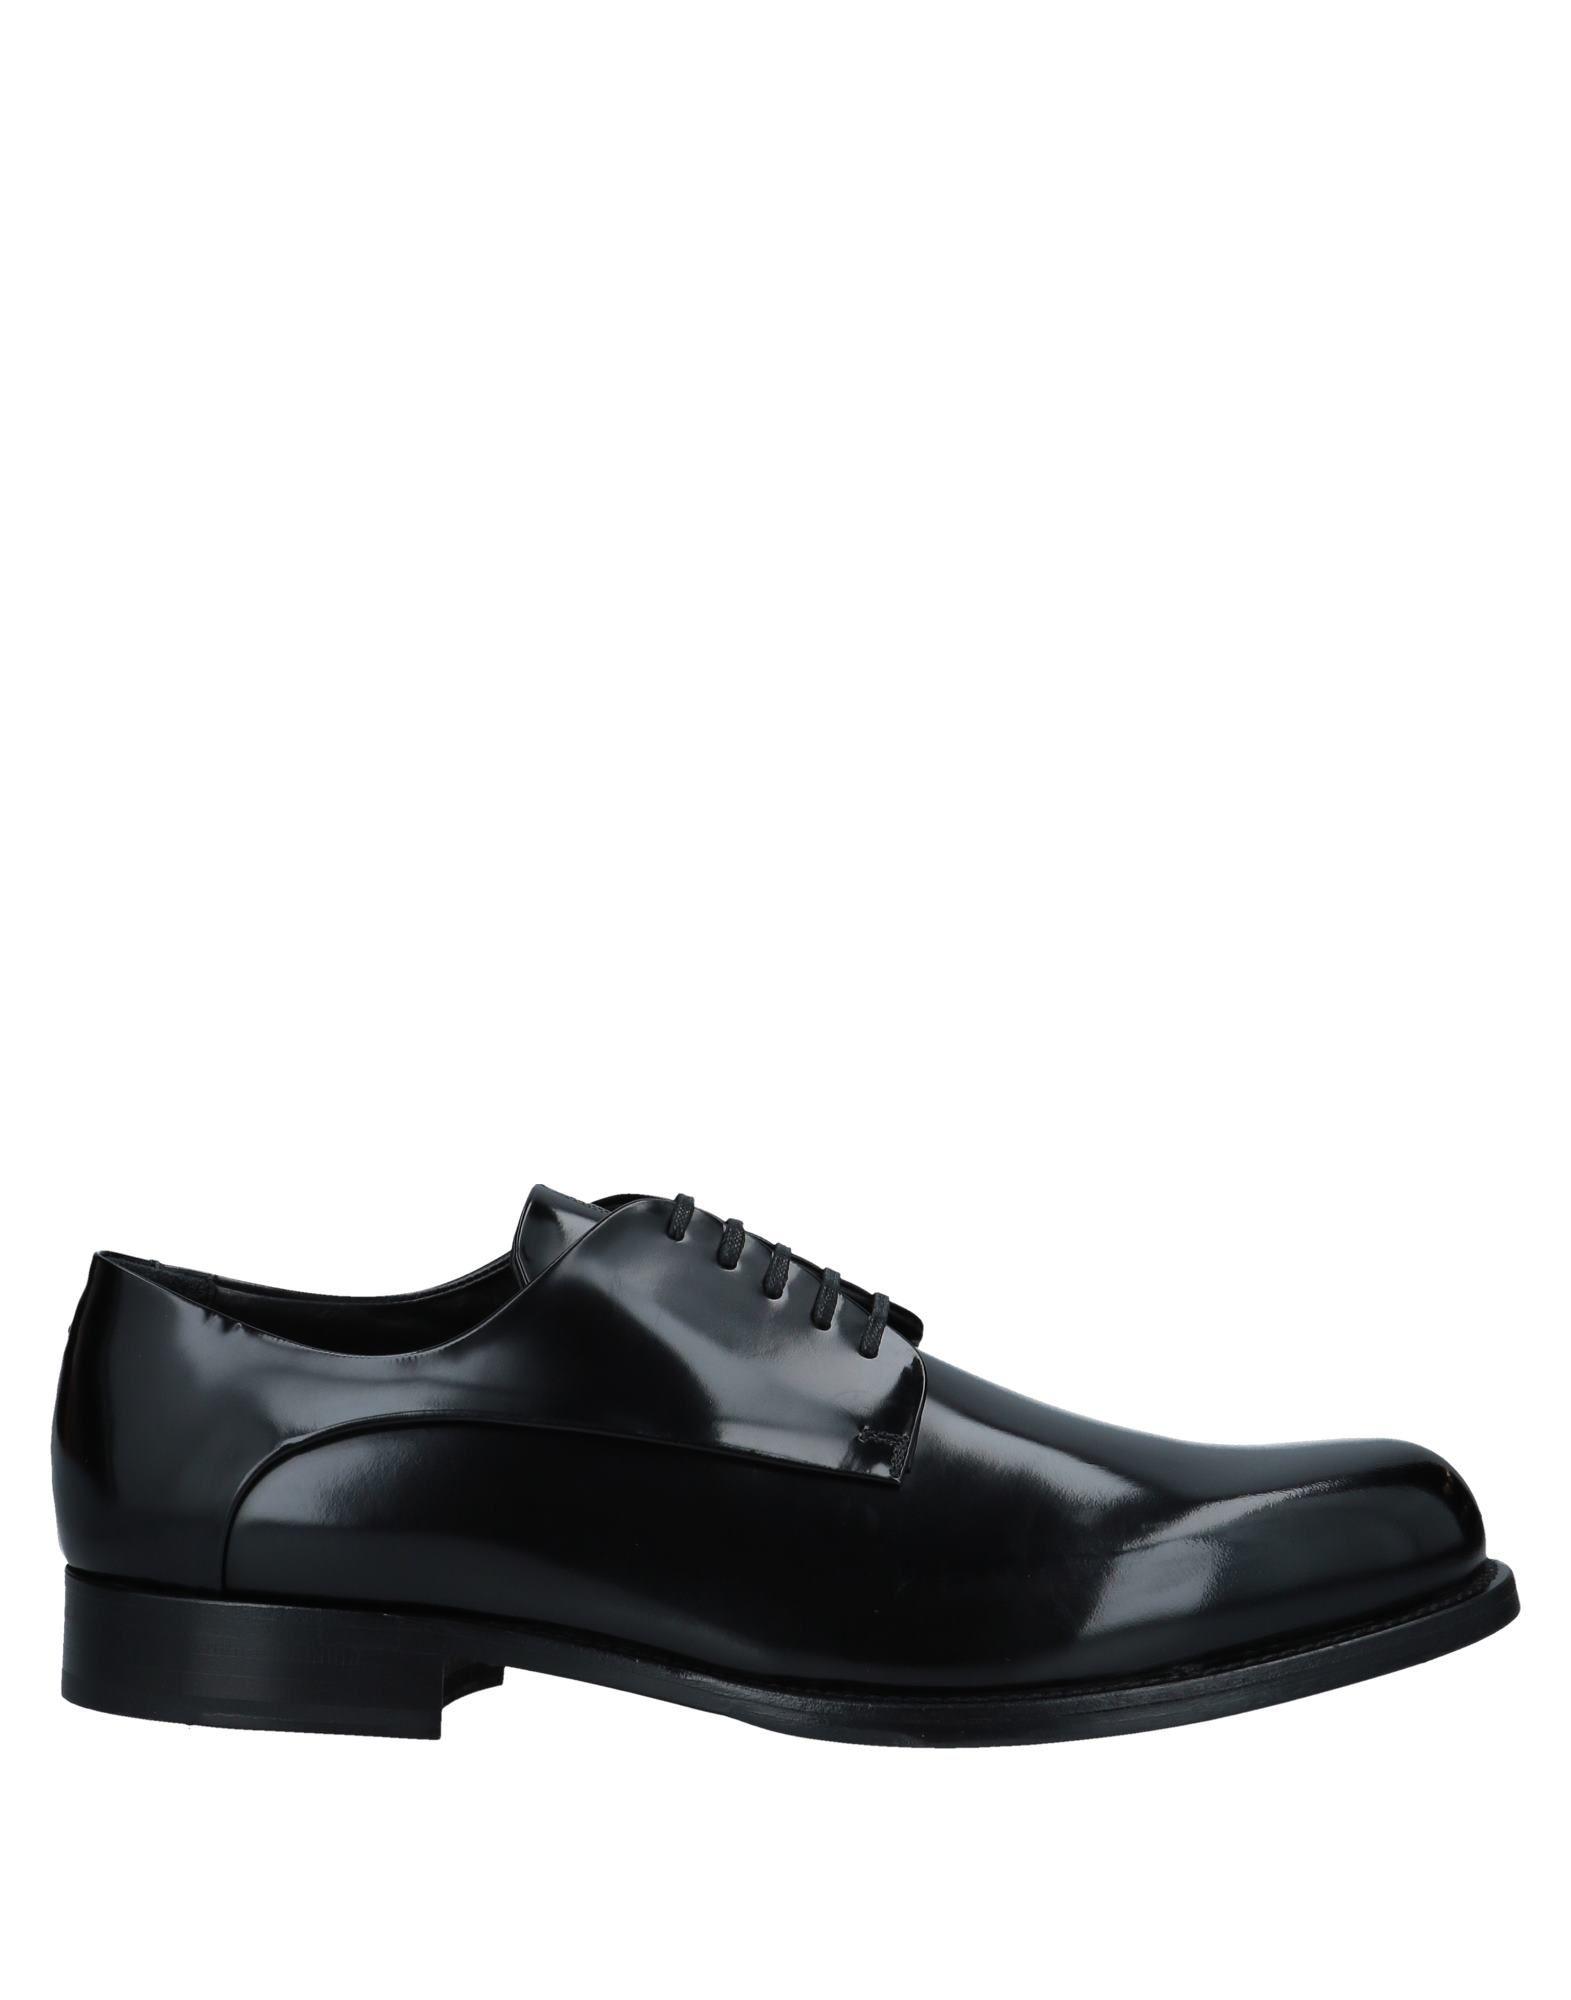 Armani Collezioni Schnürschuhe Herren  11553775WW Gute Qualität beliebte Schuhe